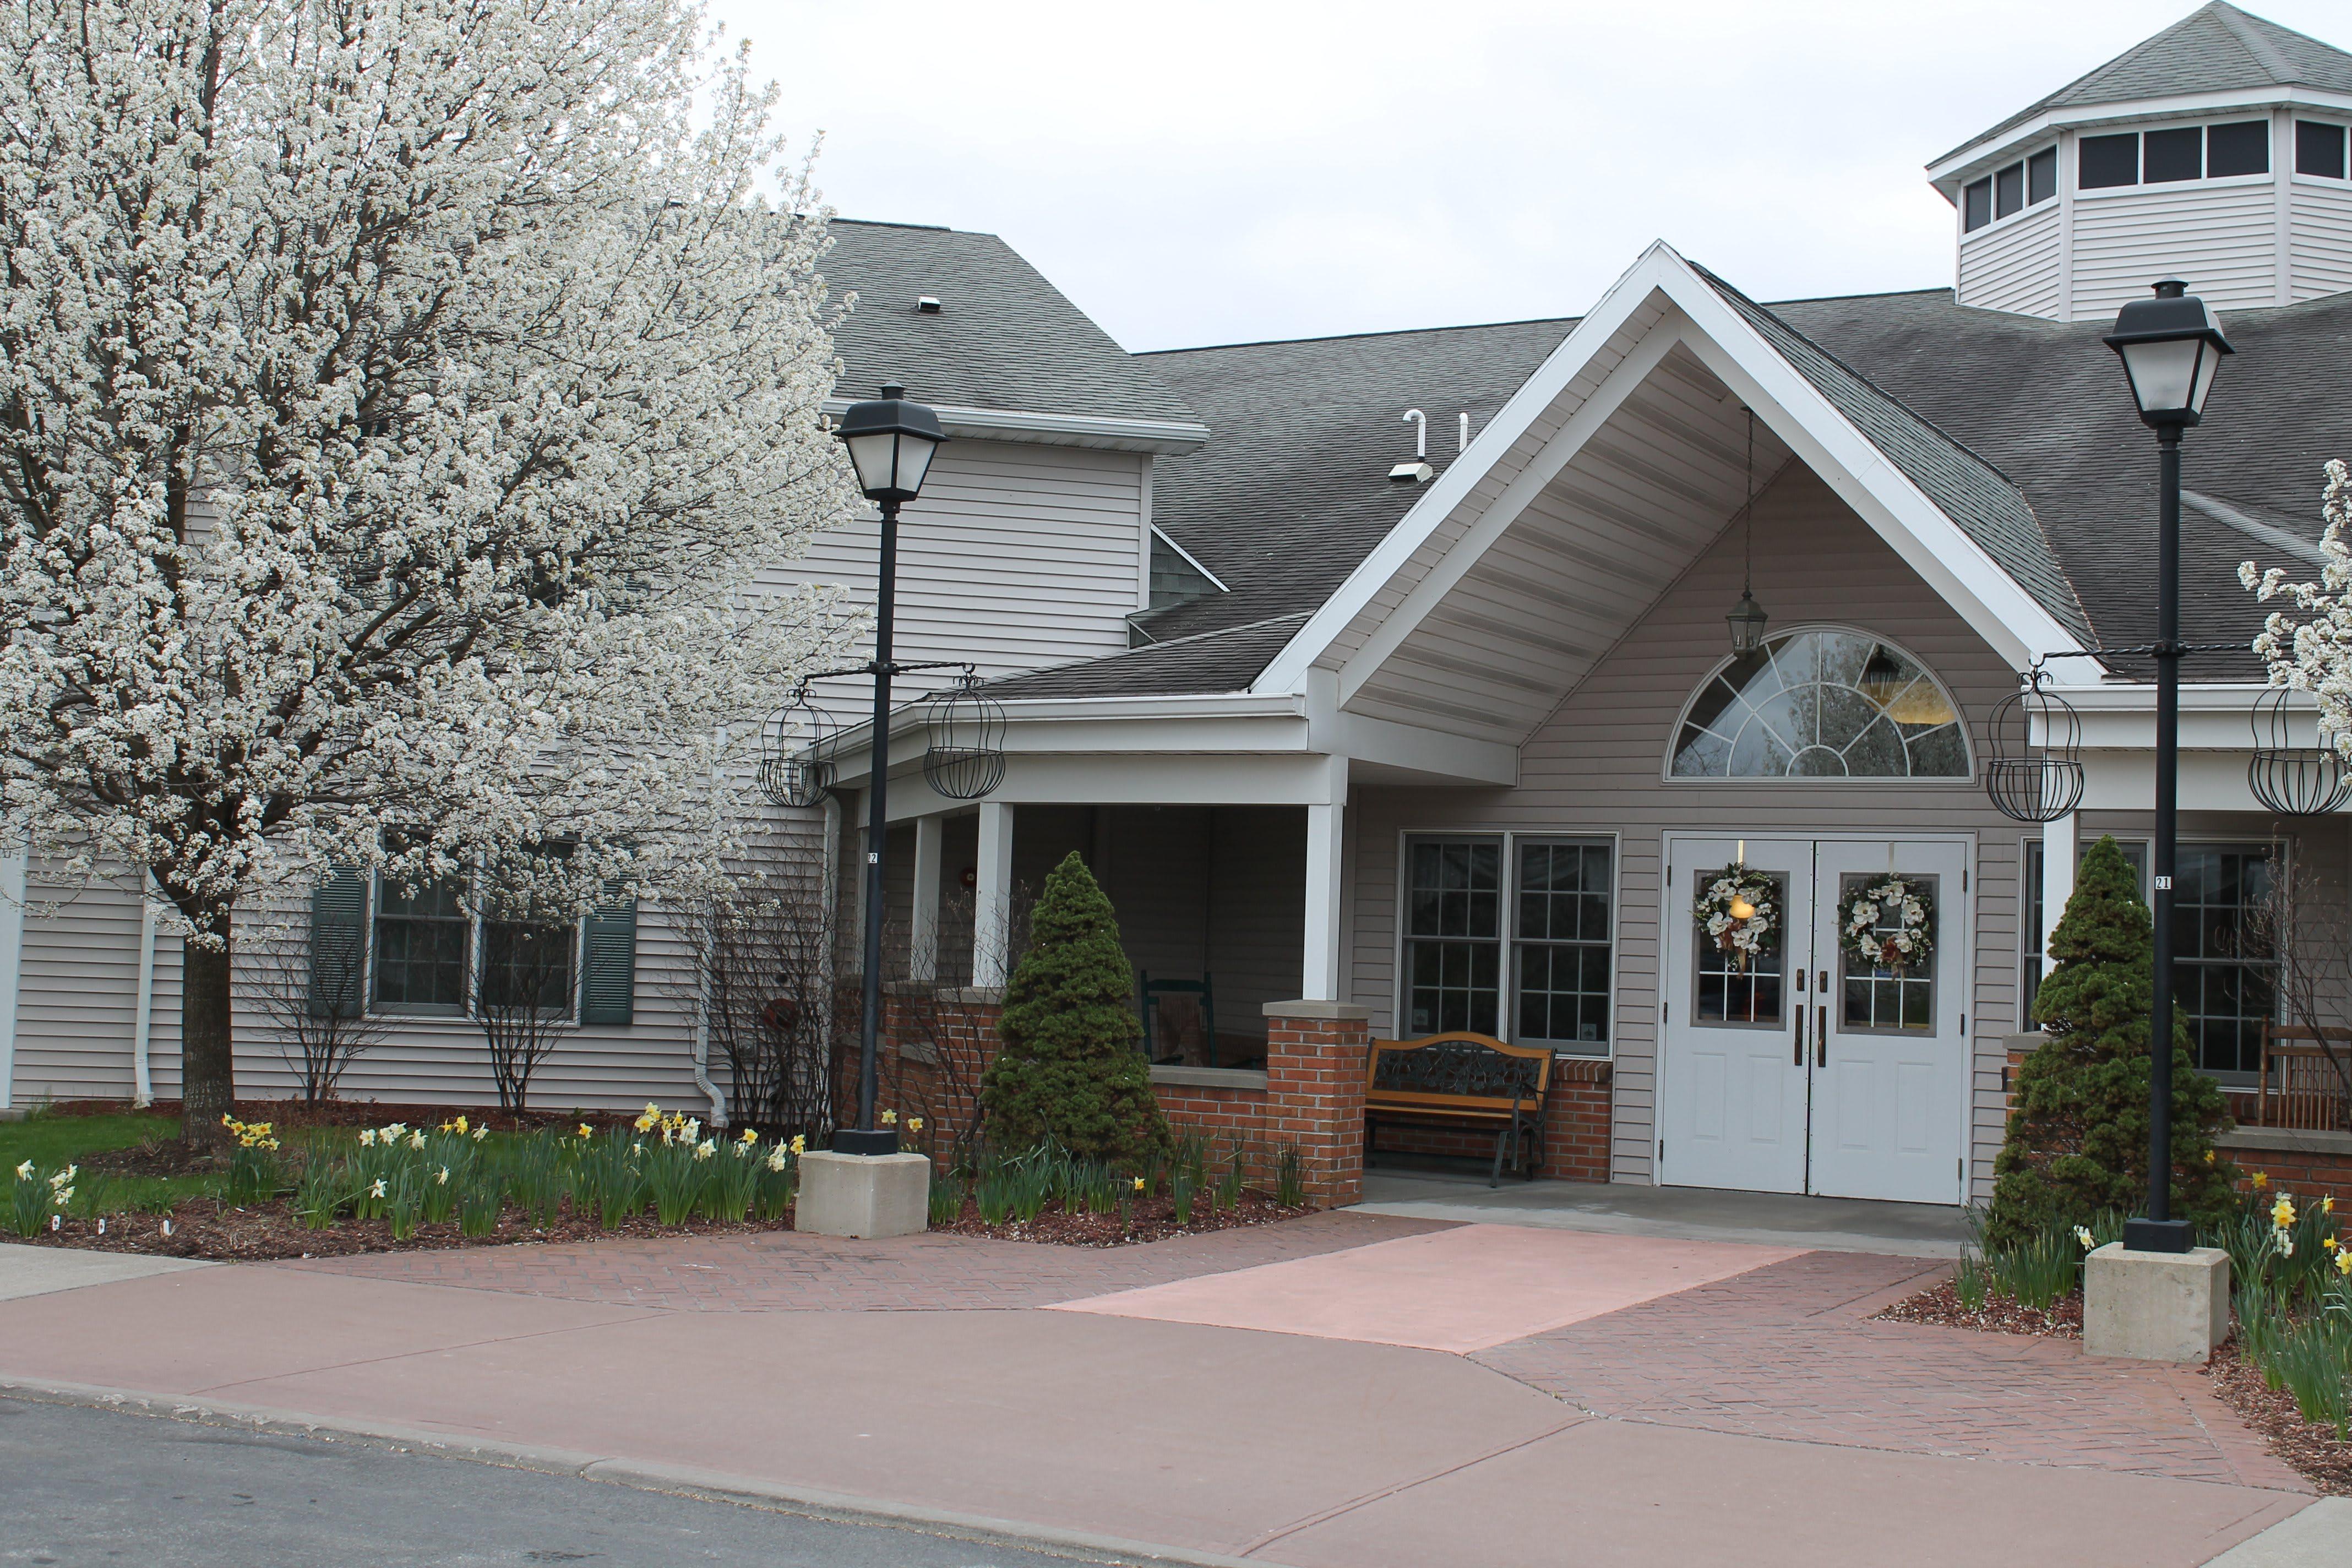 Photo 1 of Ashton Place Senior Living